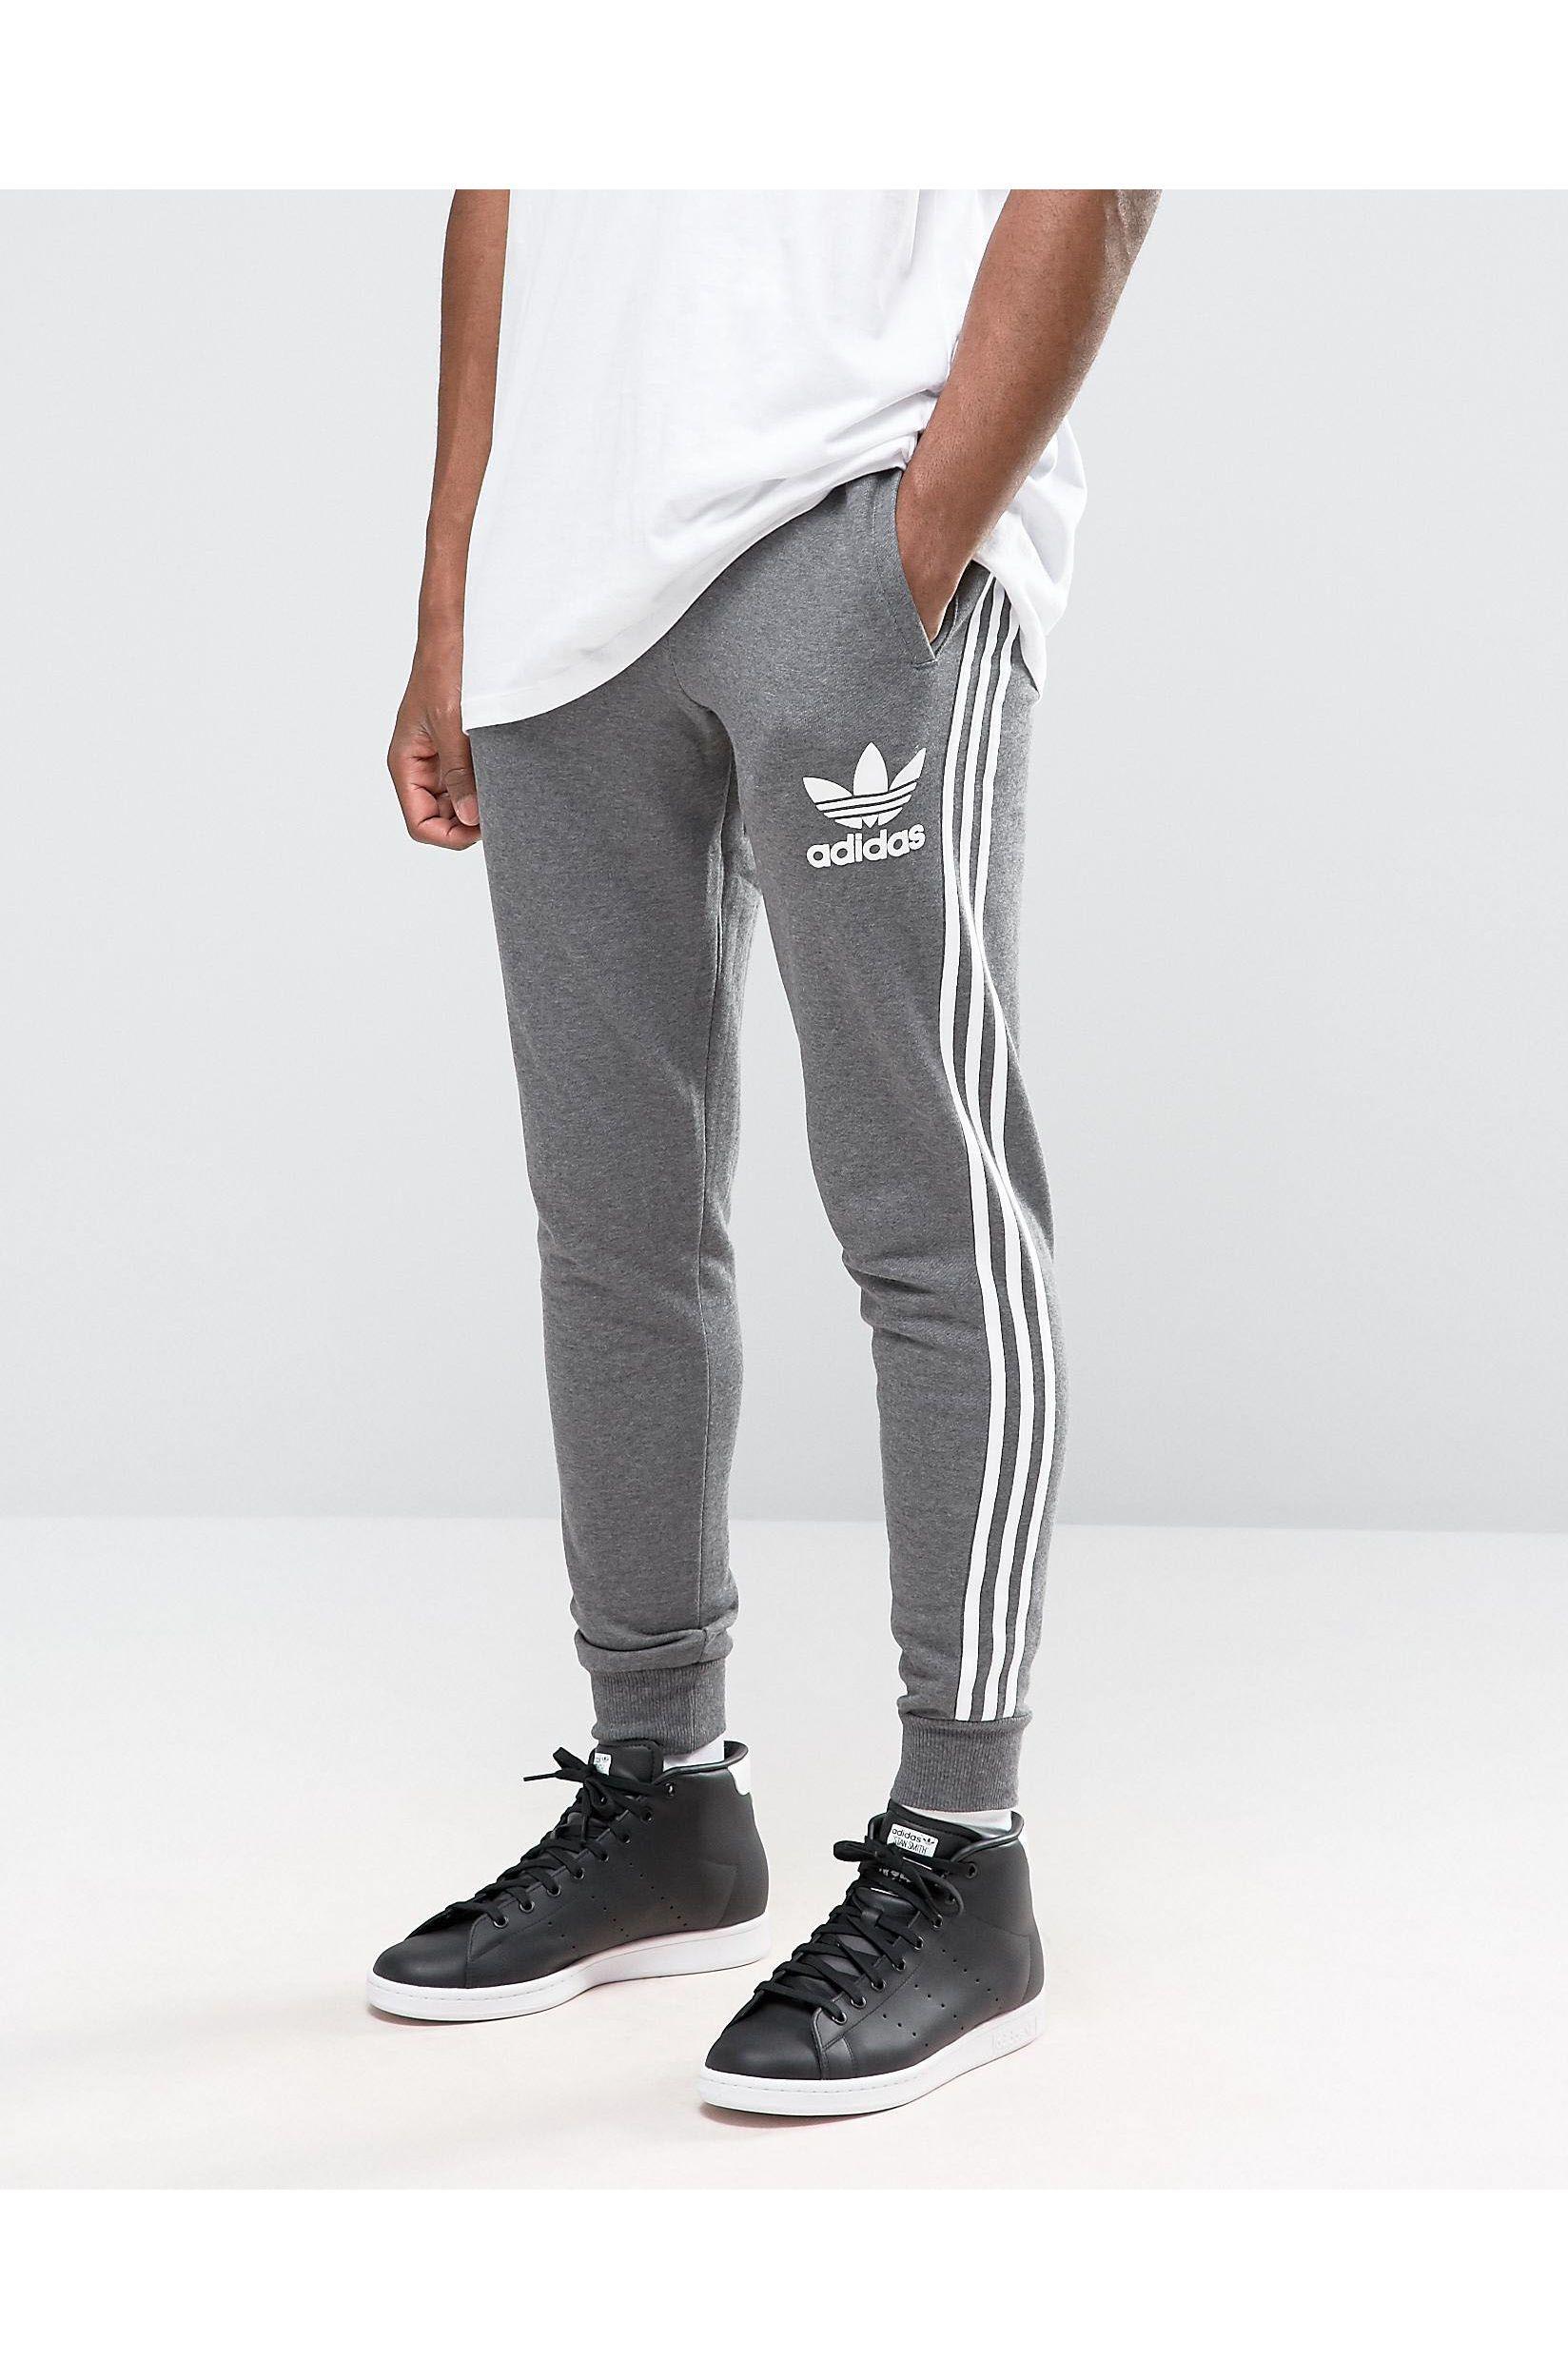 adidas Originals Cotton Trefoil Joggers Ay7782 in Grey ...